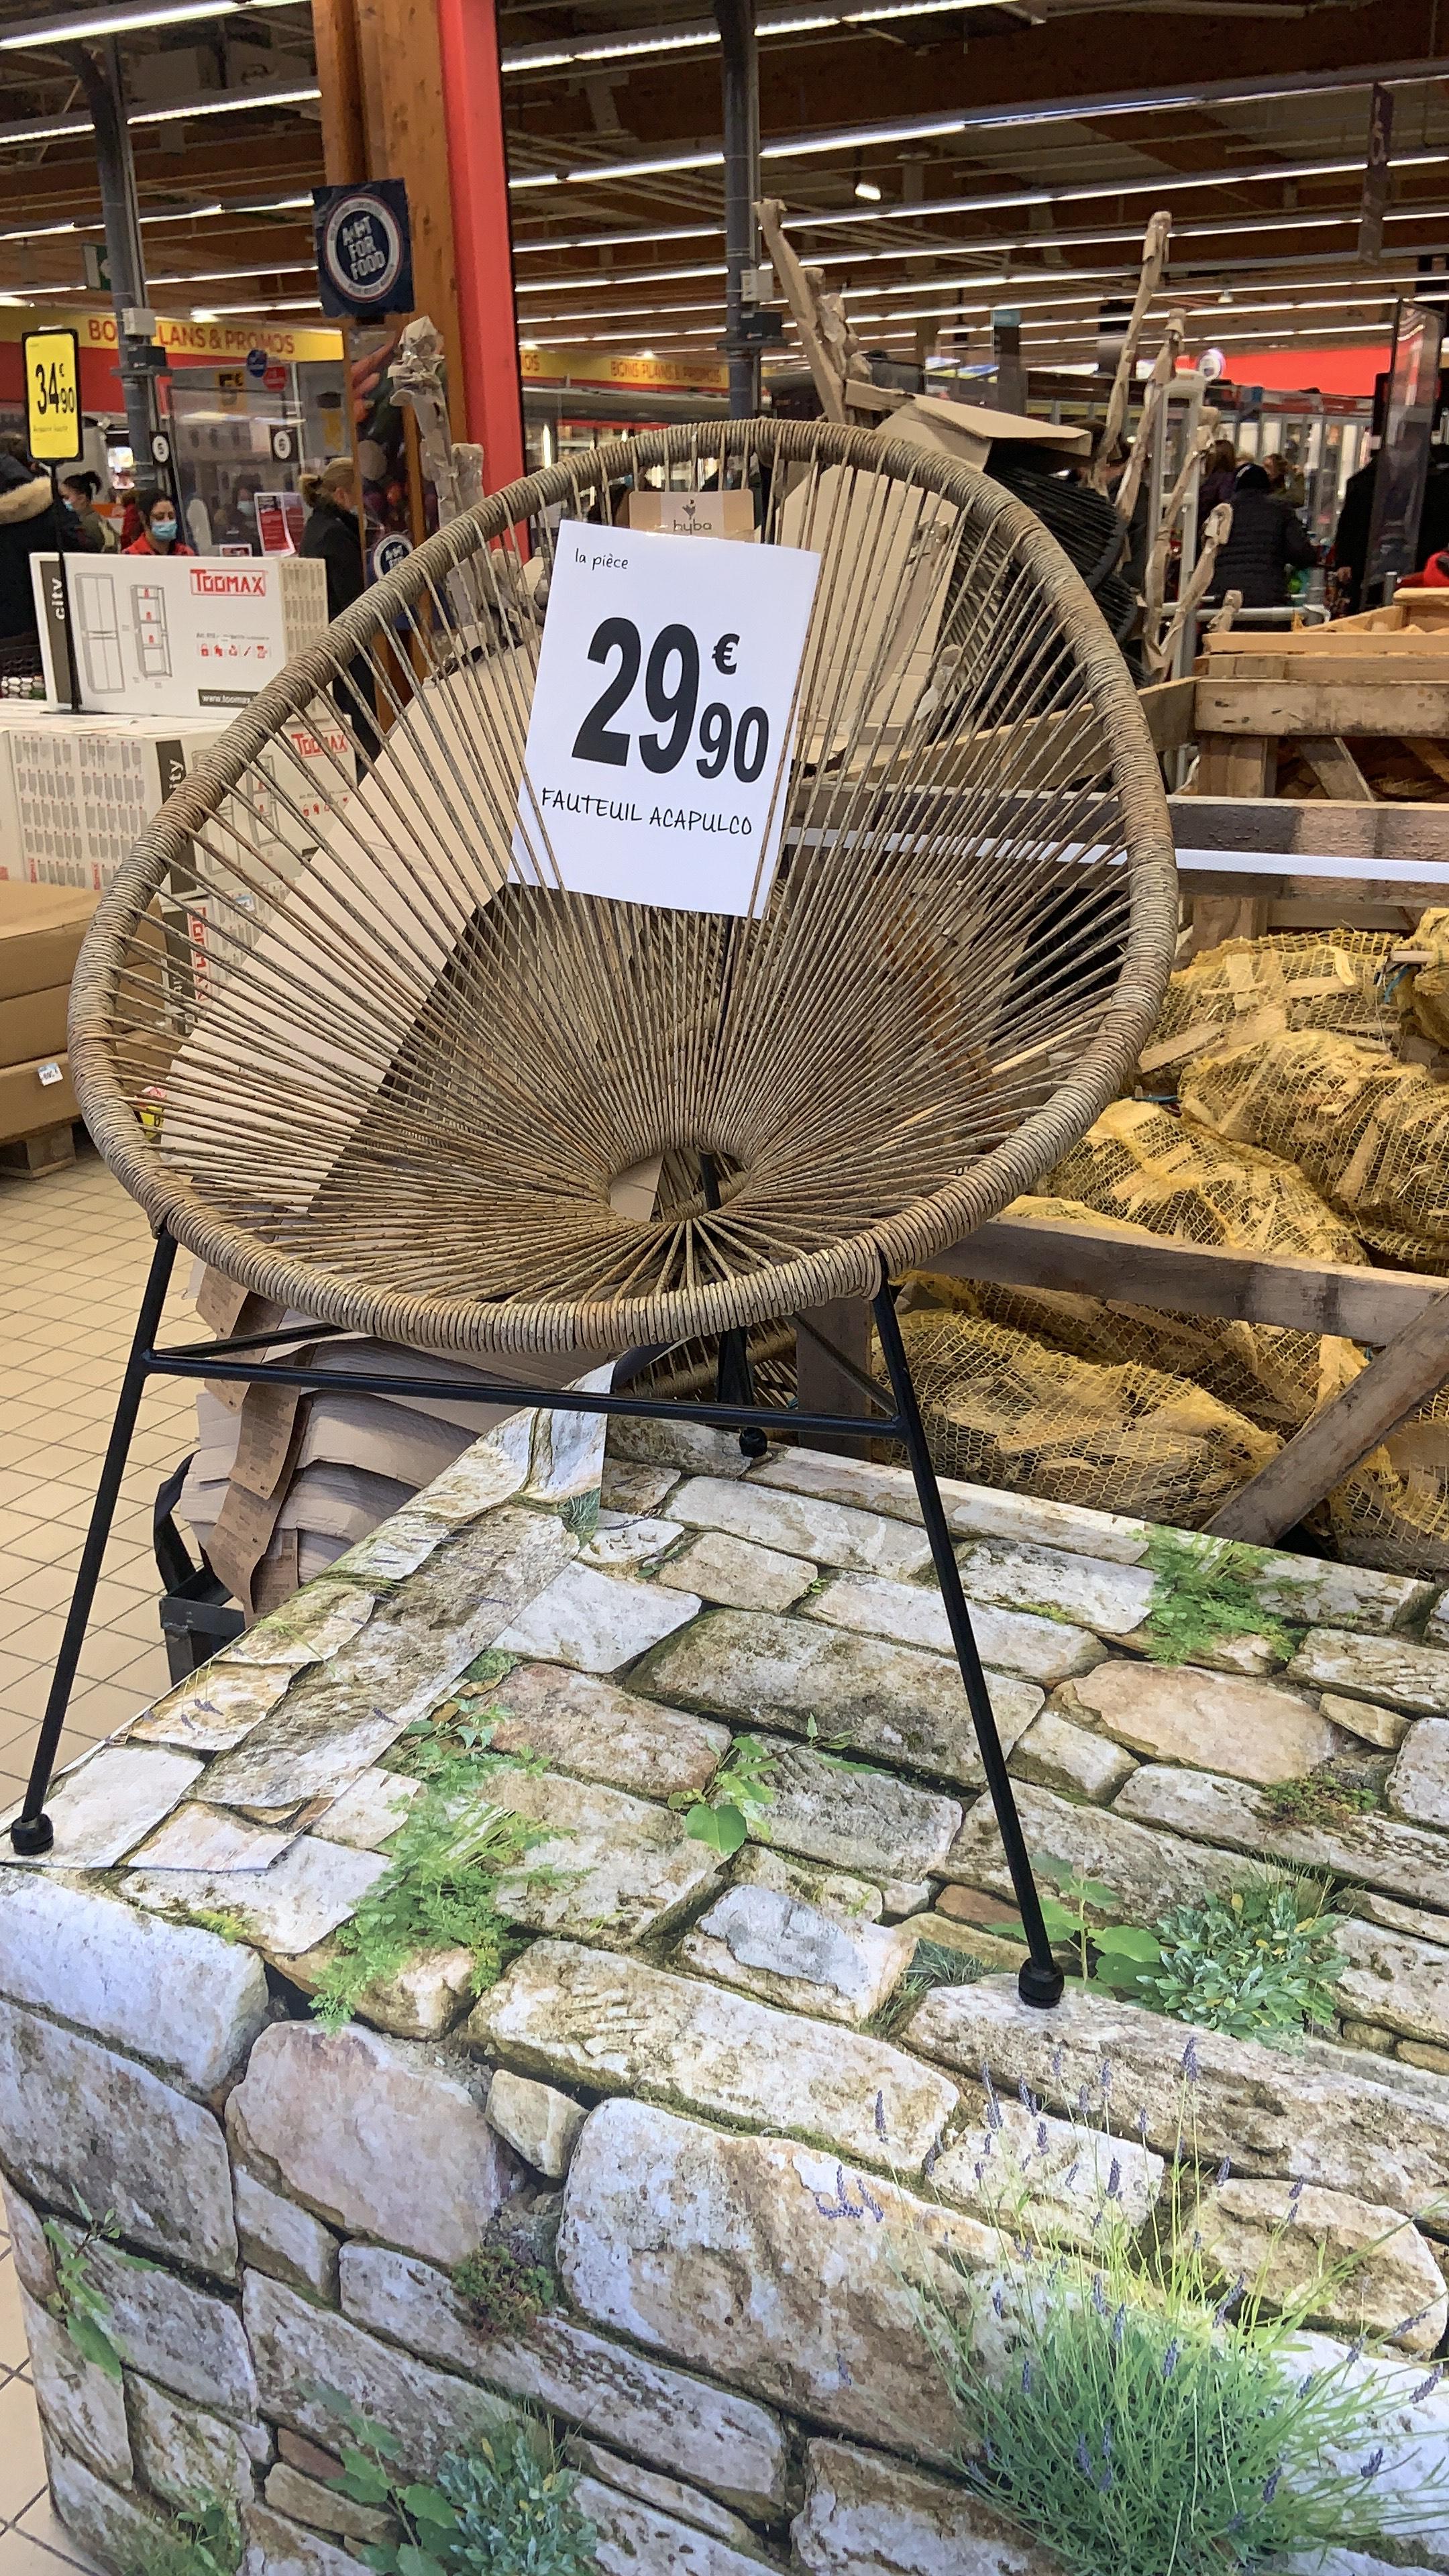 Chaise de jardin Acapulco - Vernouillet (78)